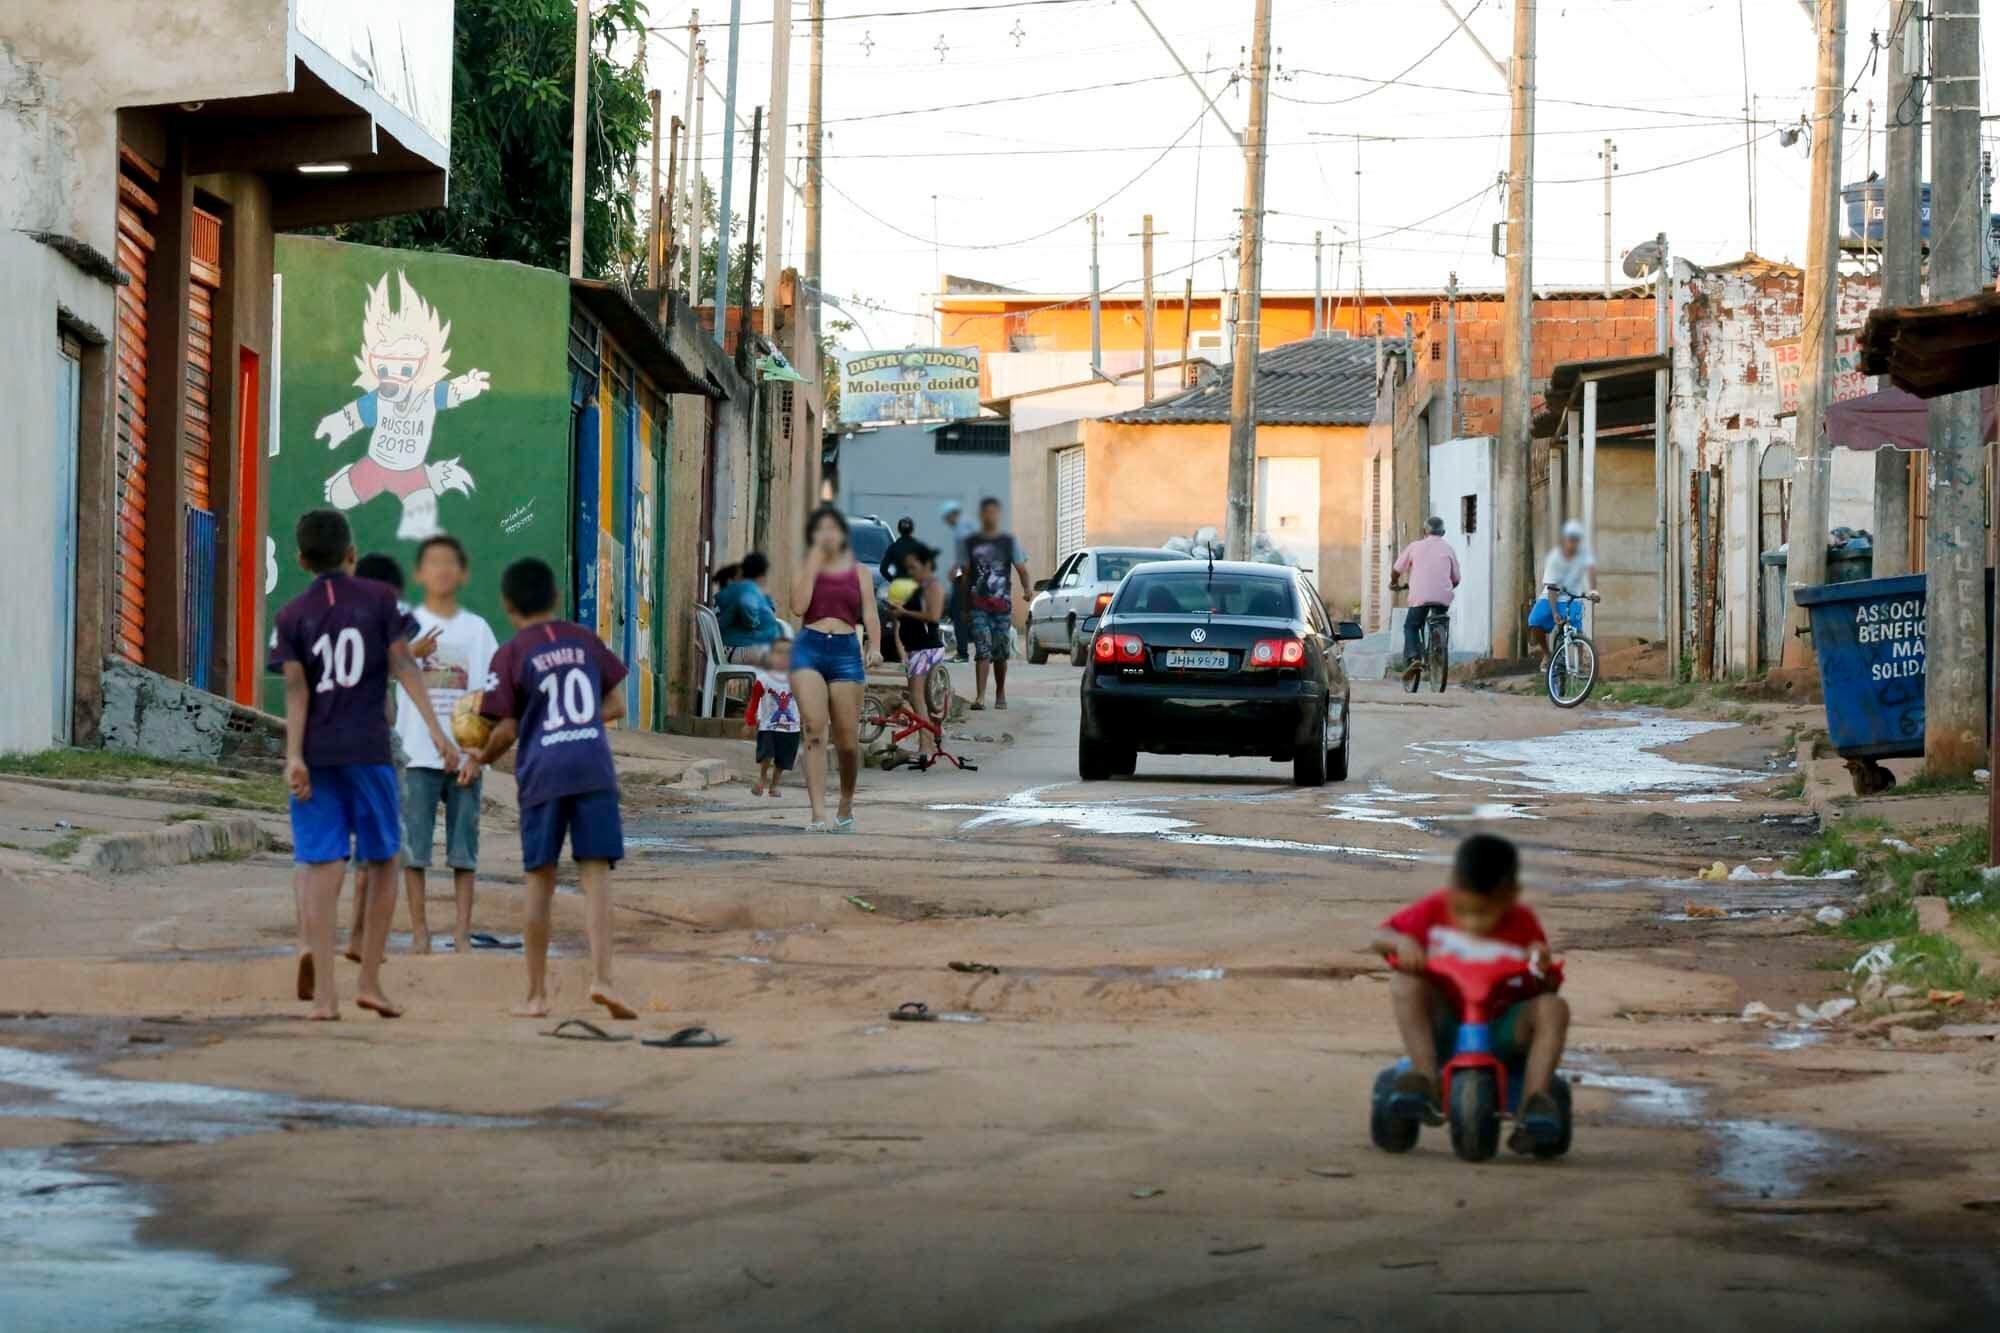 Cerca de 40% da população do Sol Nascente e do Pôr do Sol não têm emprego nem estuda